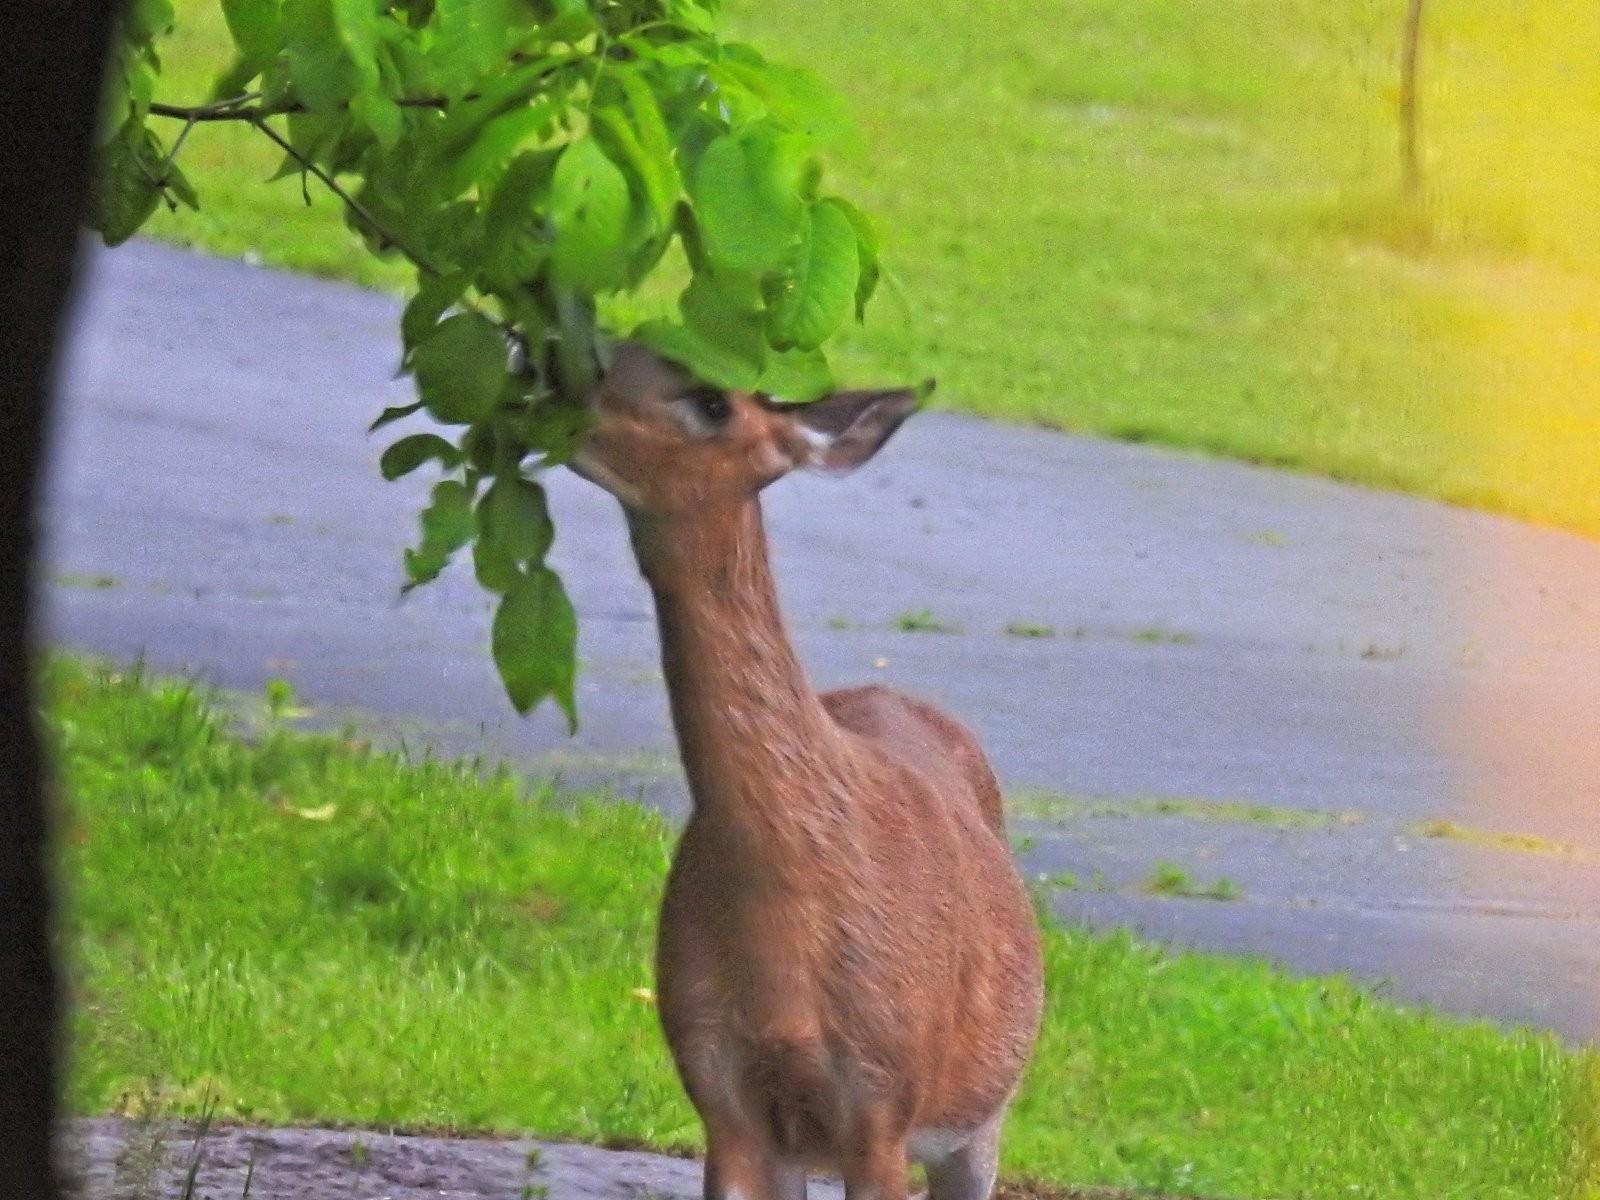 P900 deer eating breakfast (7)_DxO.jpg